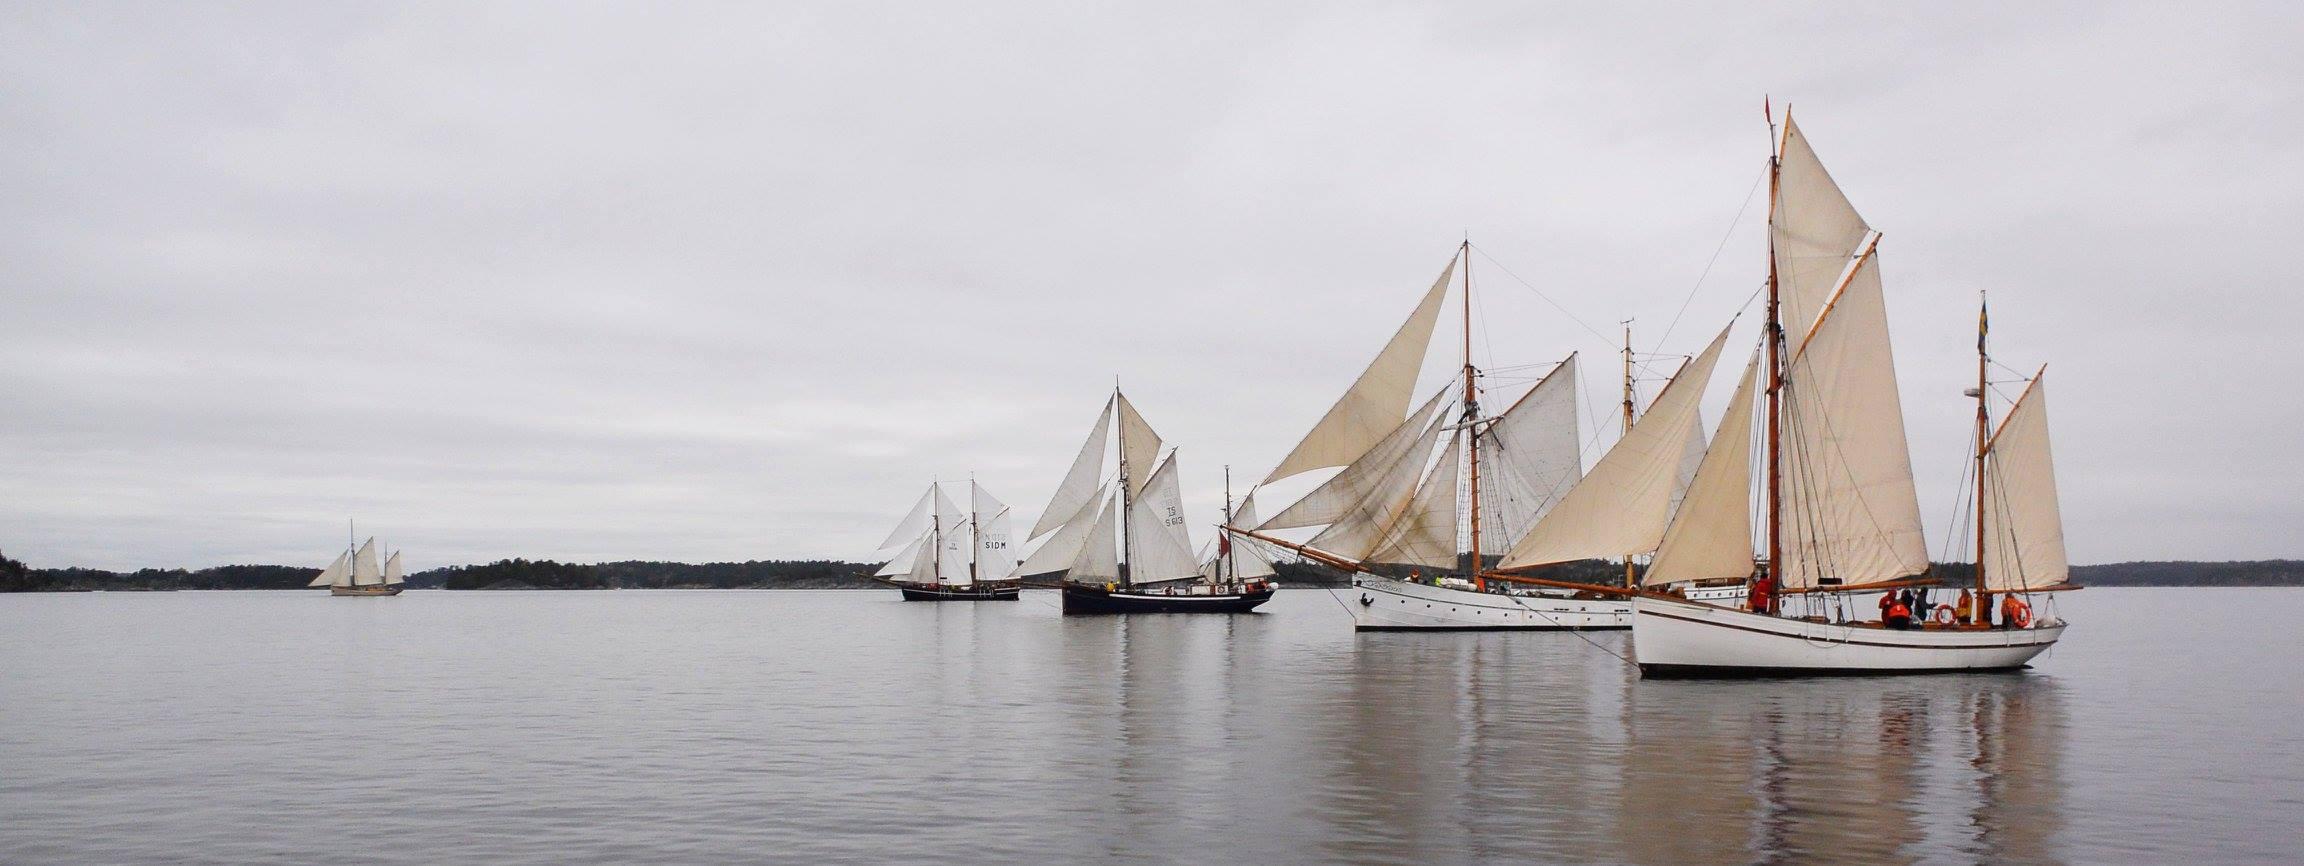 Saltkråkan Race 2018 |